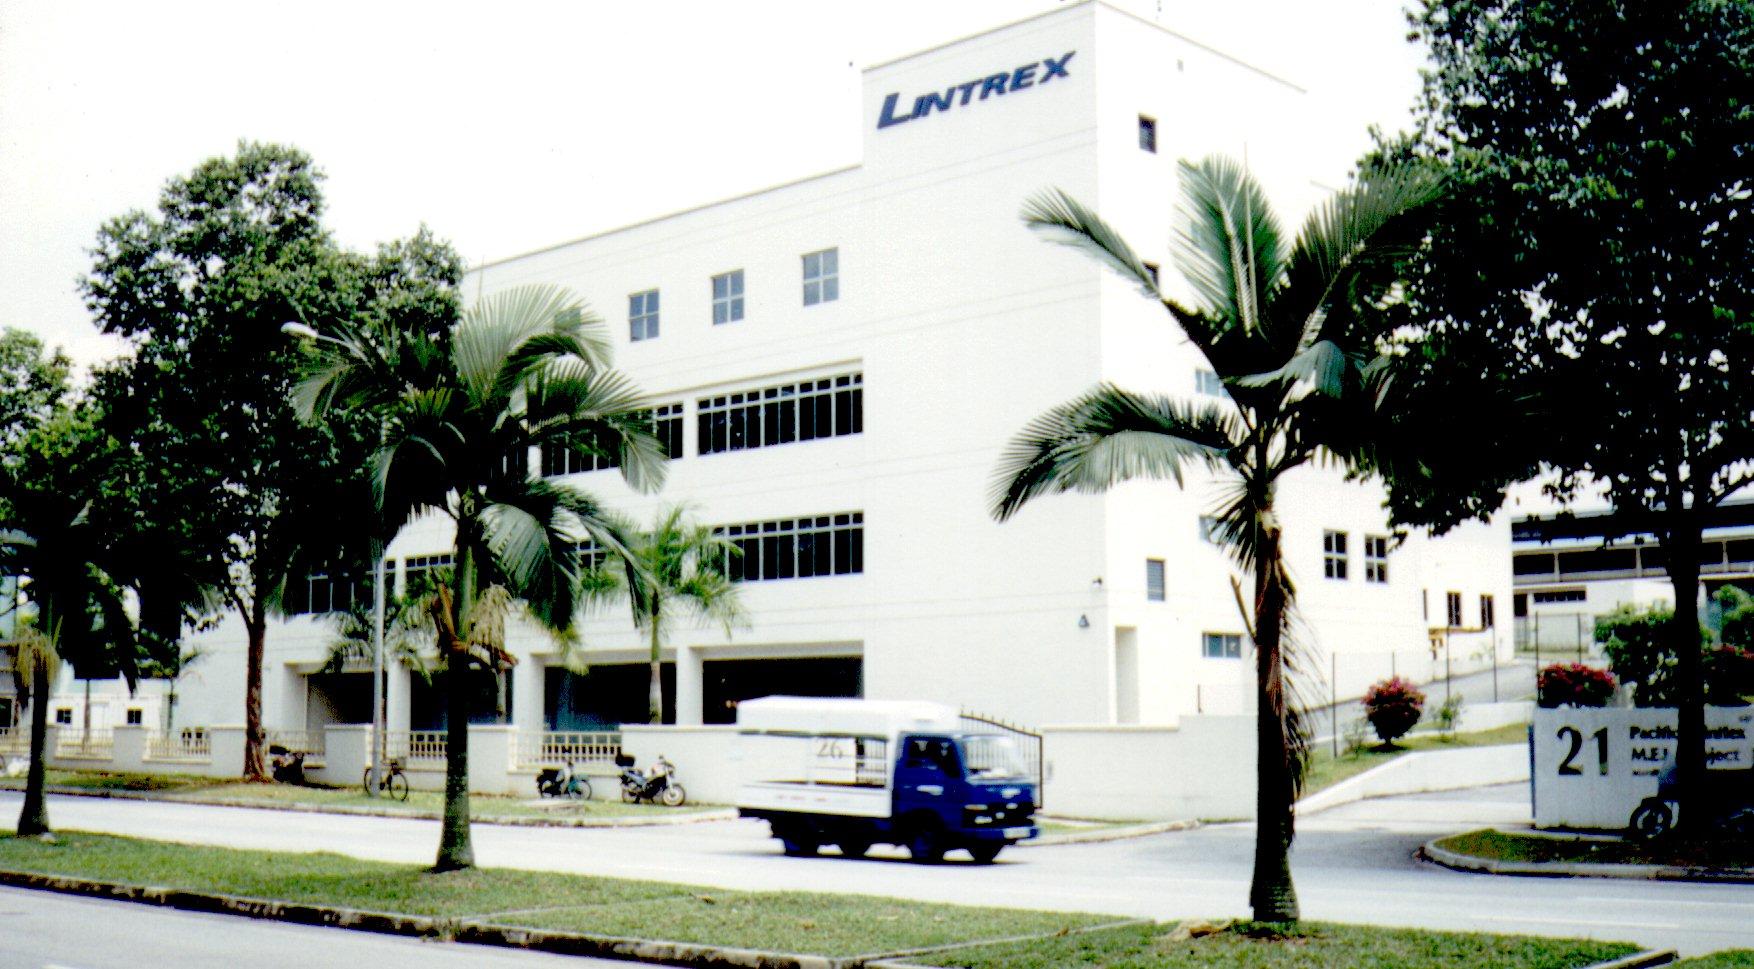 lintrex.jpg